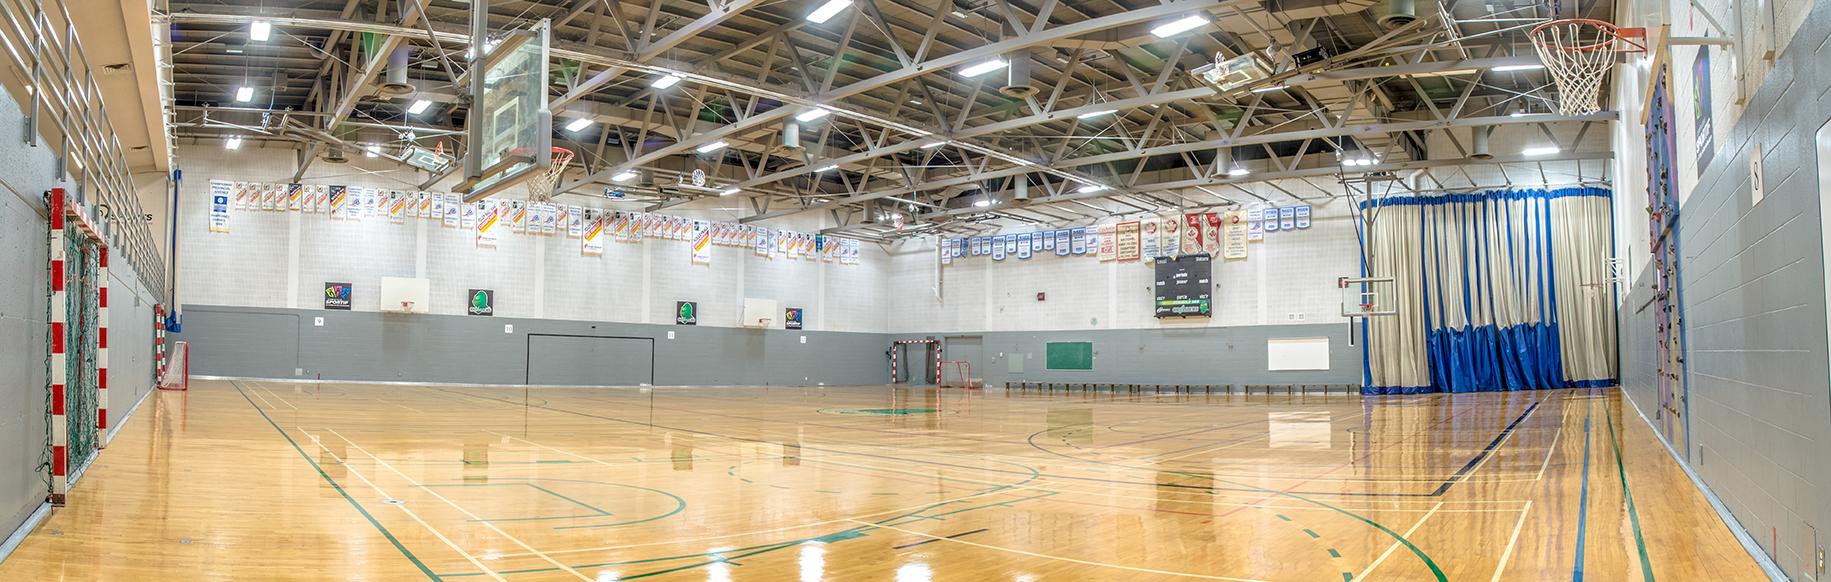 4Panorama gym